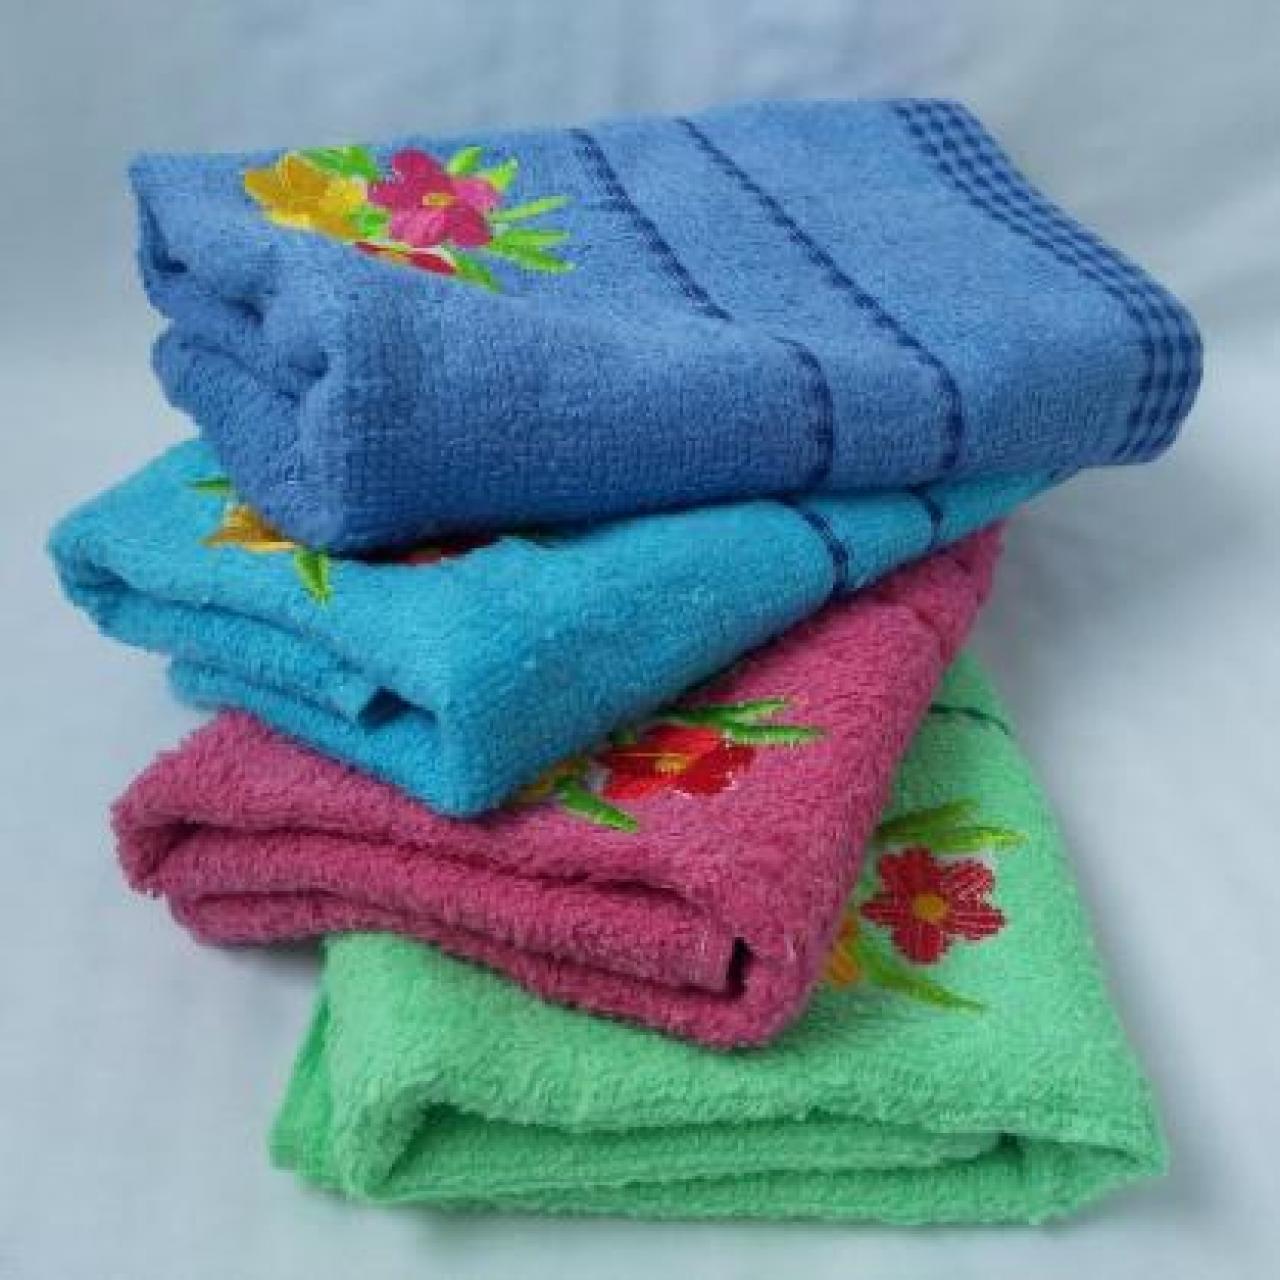 БАННОЕ махровое полотенце. Дешево. Махровые полотенца оптом 89-1